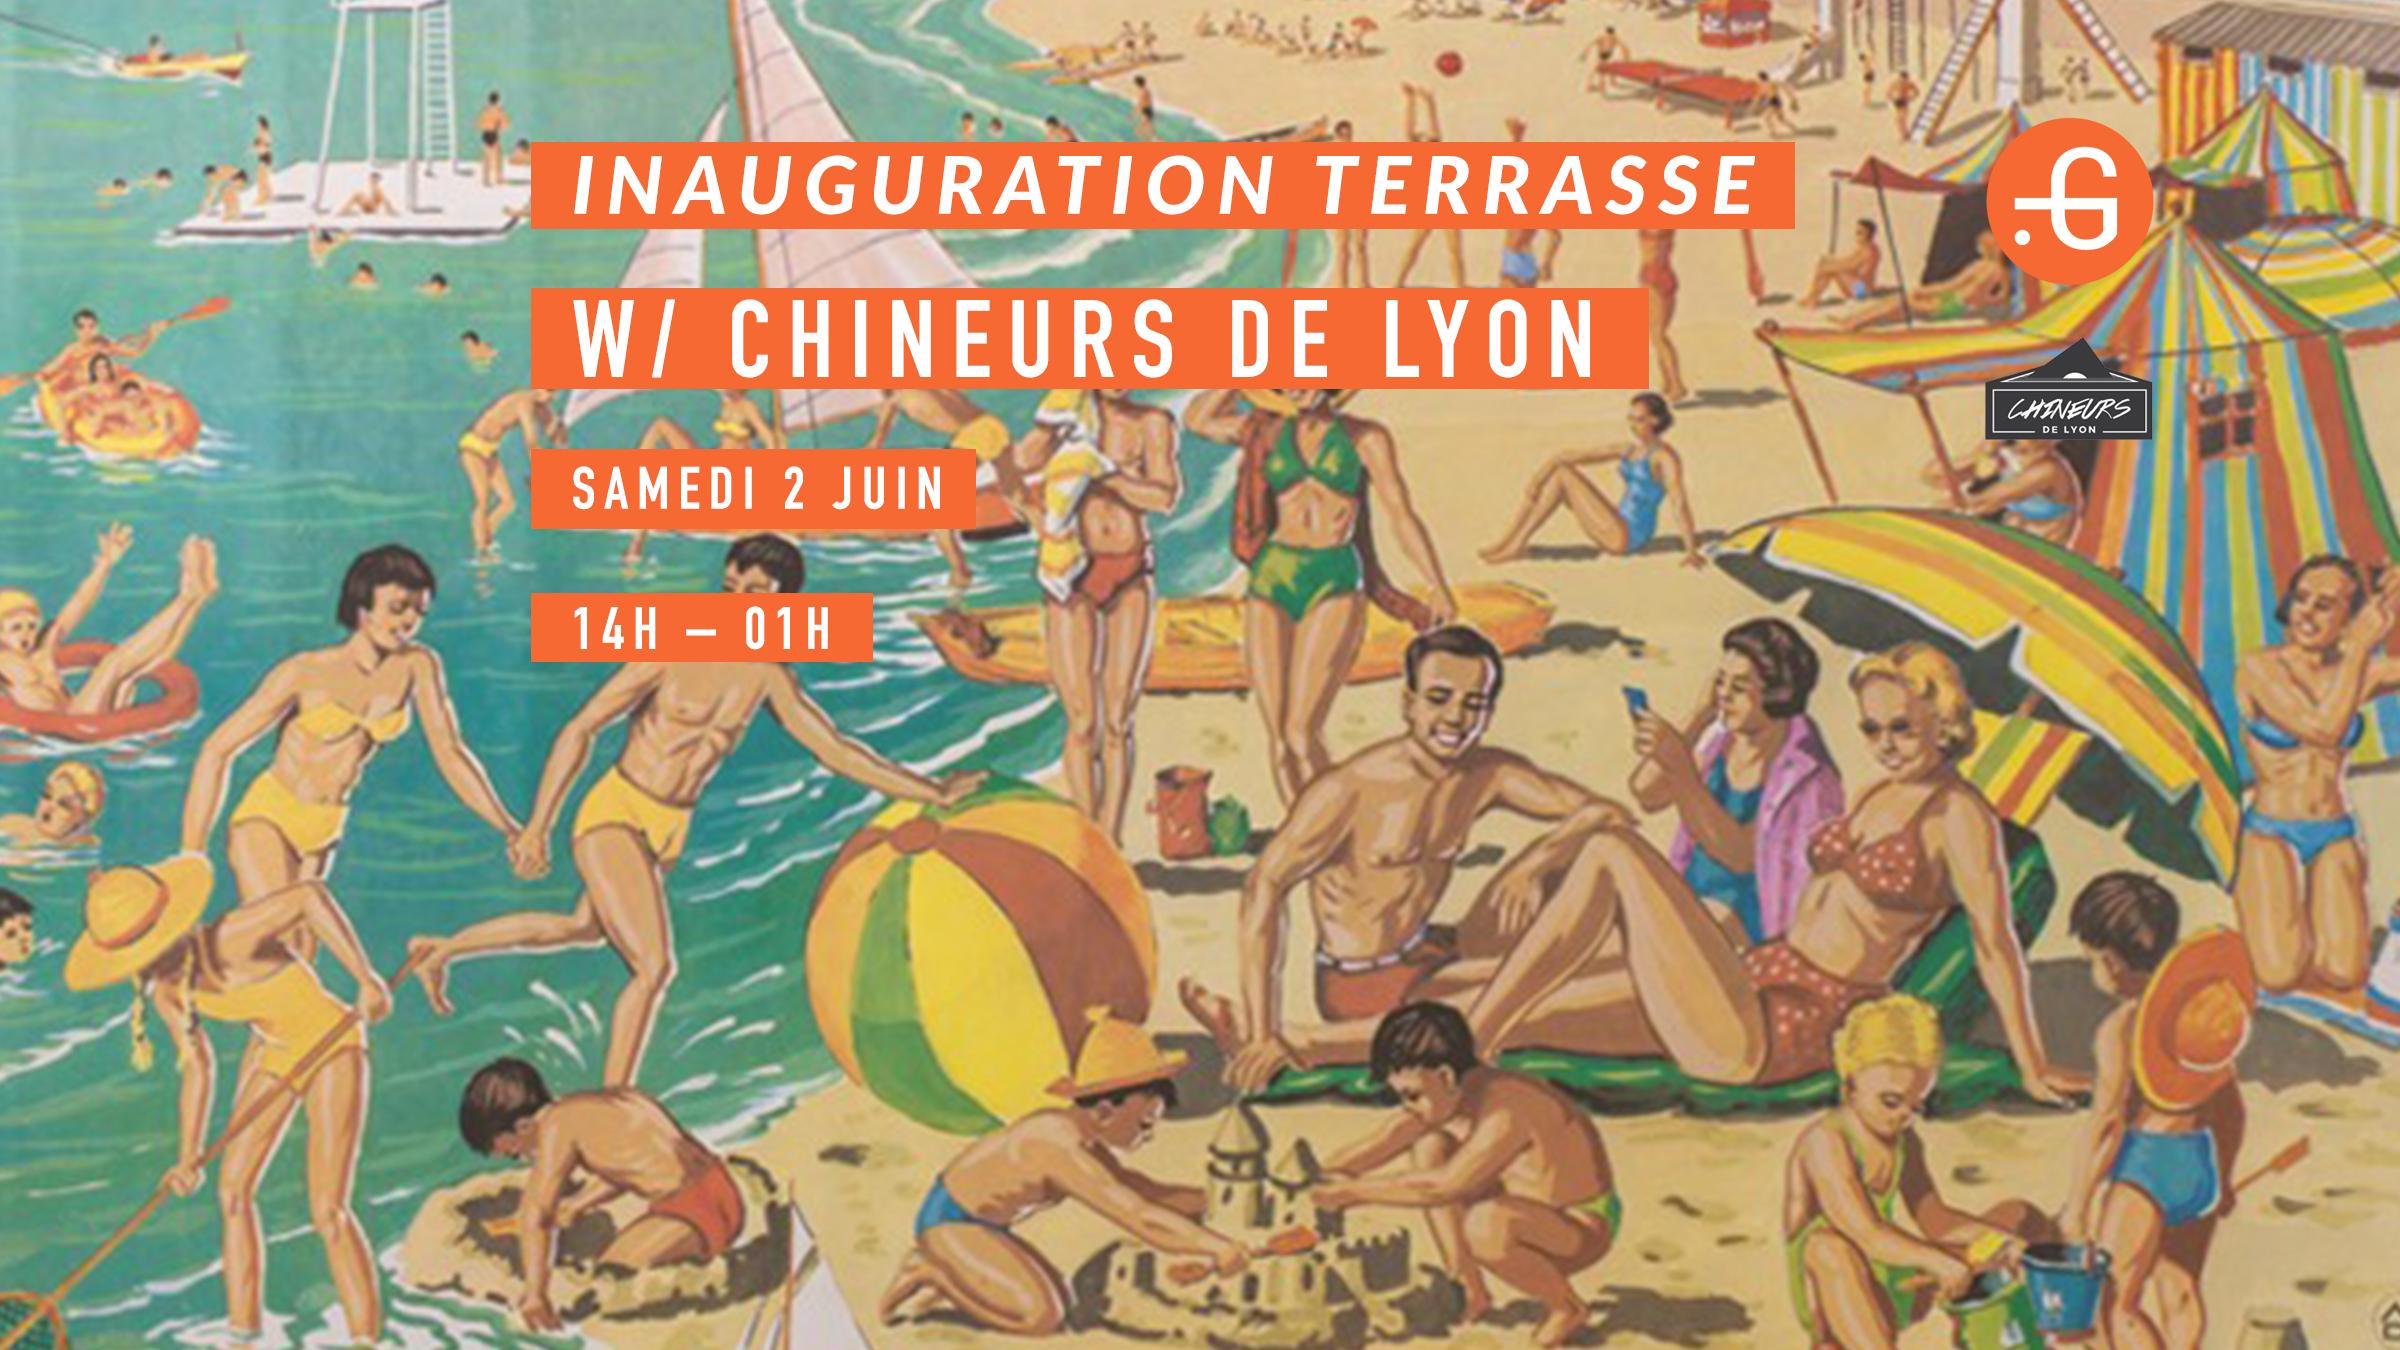 Inauguration Terrasse, Samedi 2 juin 2018